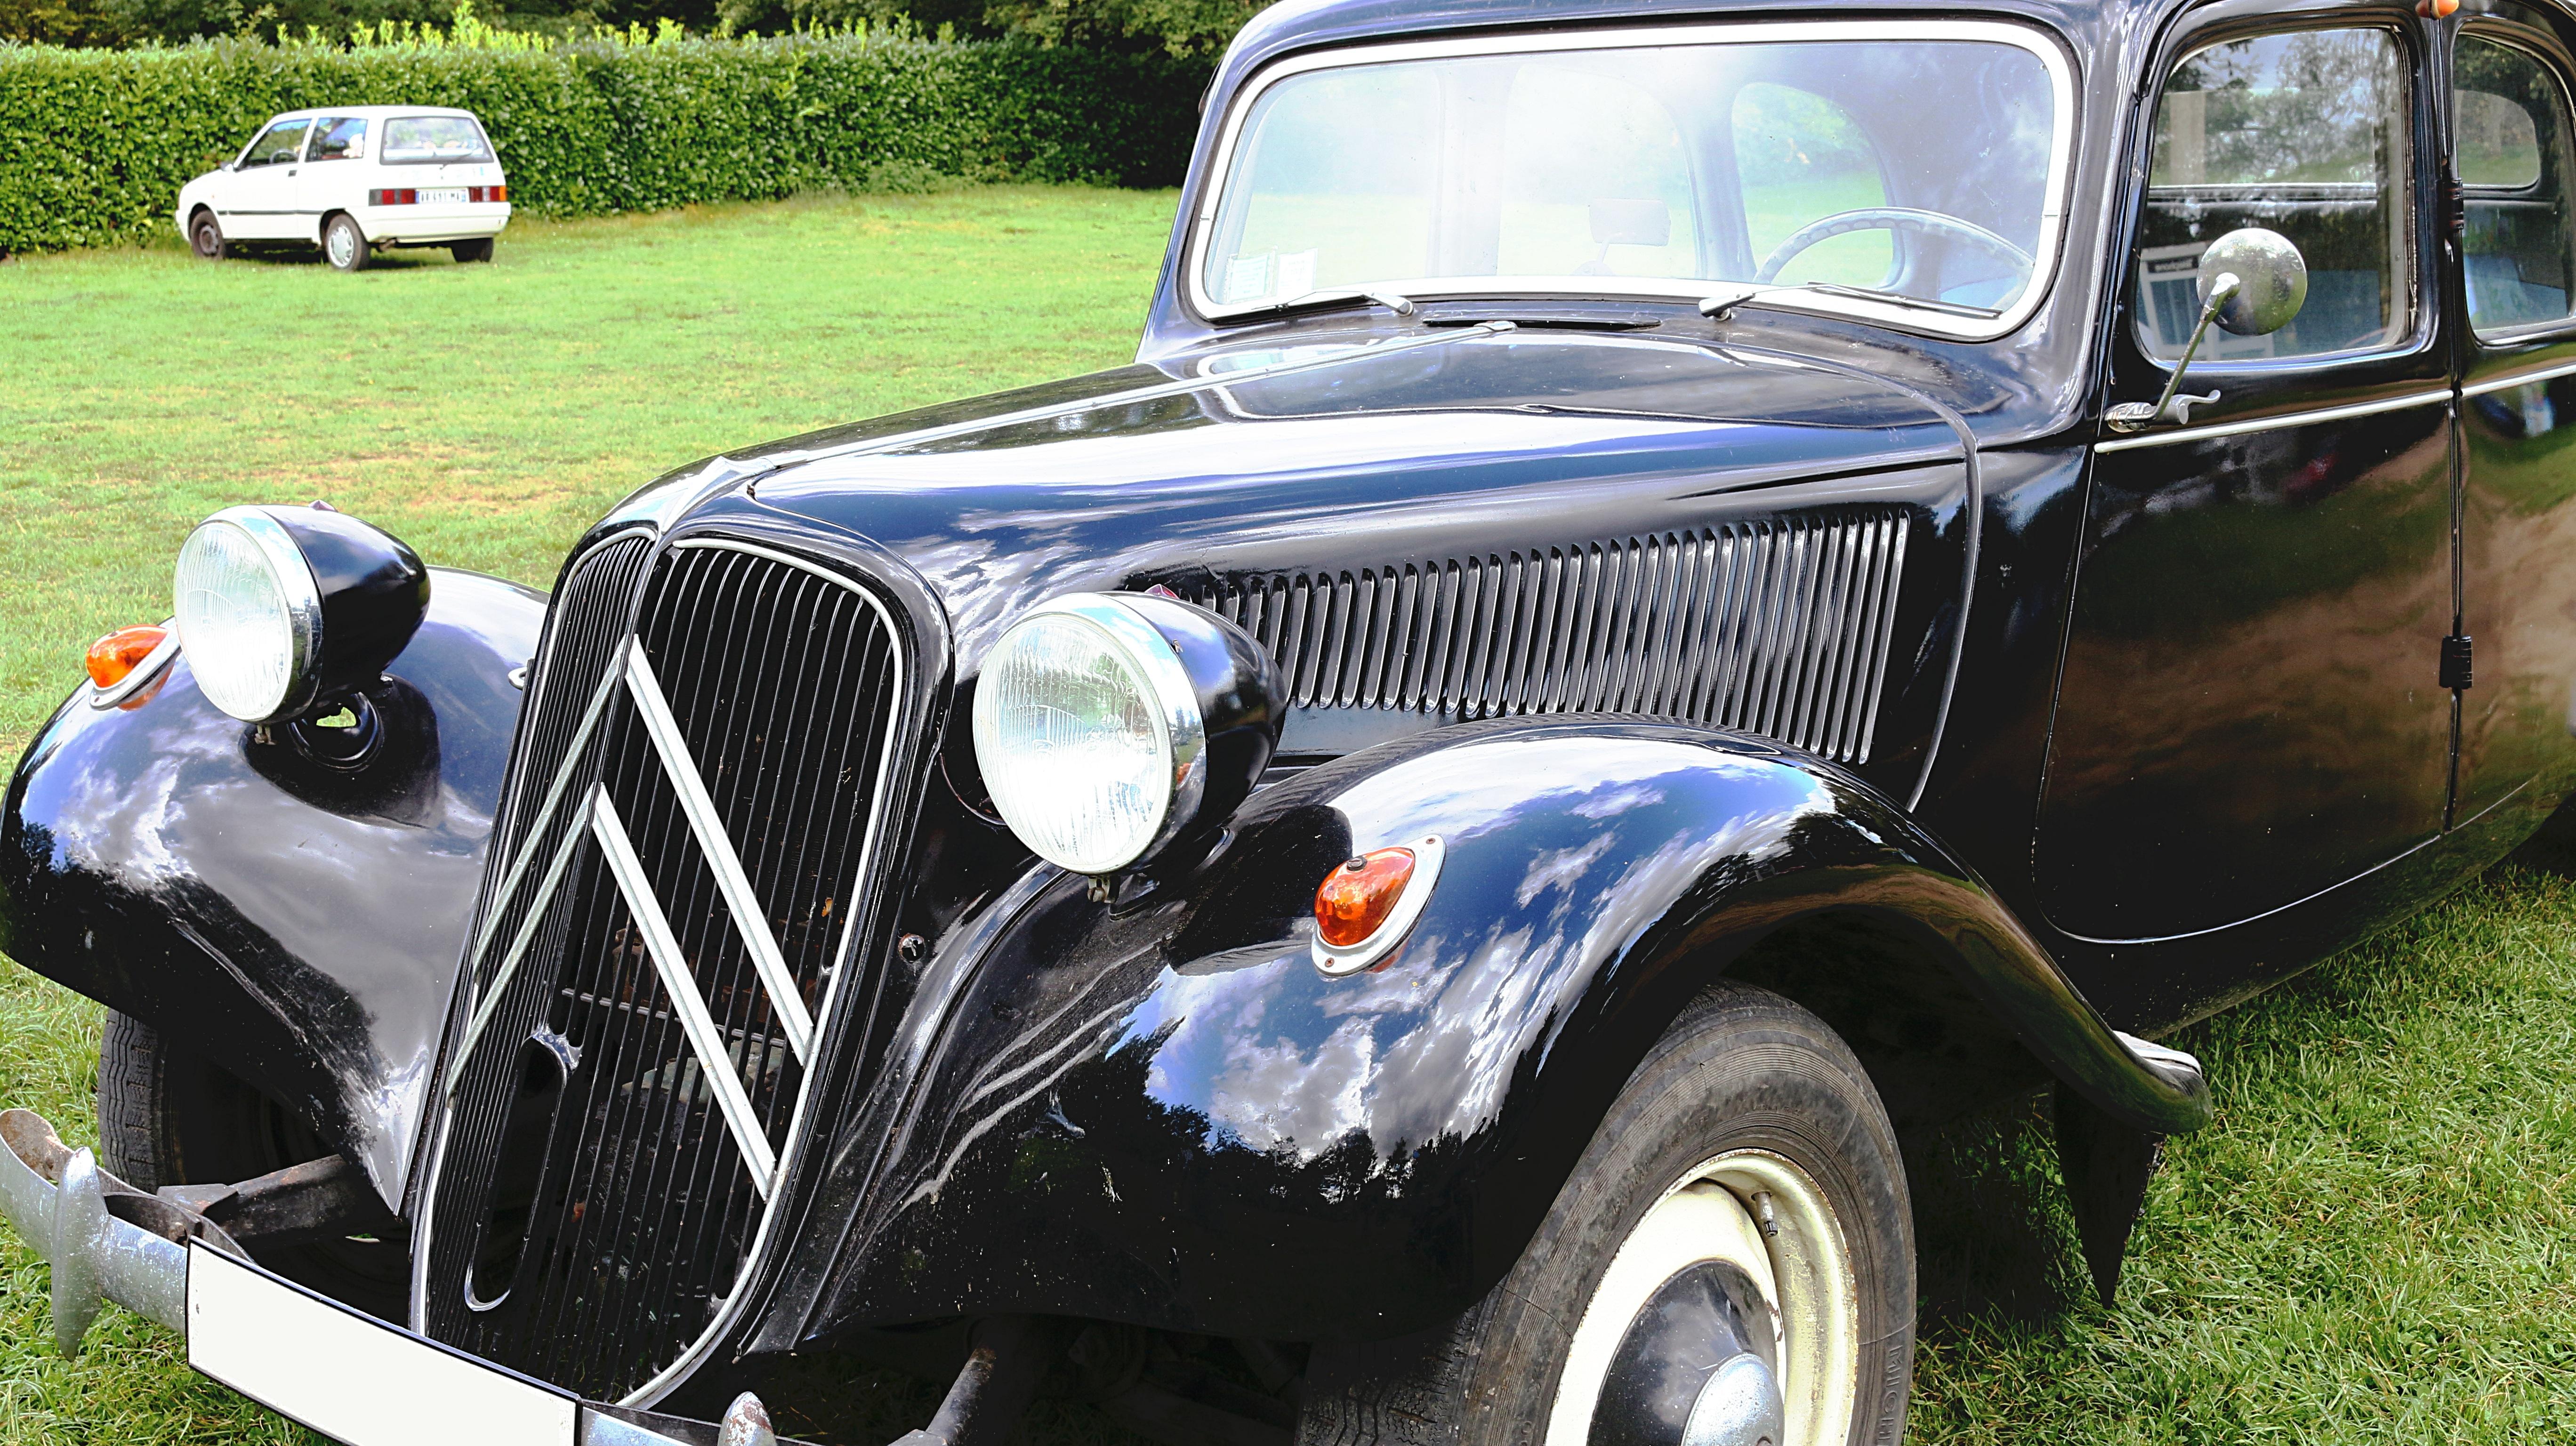 gambar koleksi hitam mobil klasik mobil antik sedan daya tarik bekas mobil tua. Black Bedroom Furniture Sets. Home Design Ideas